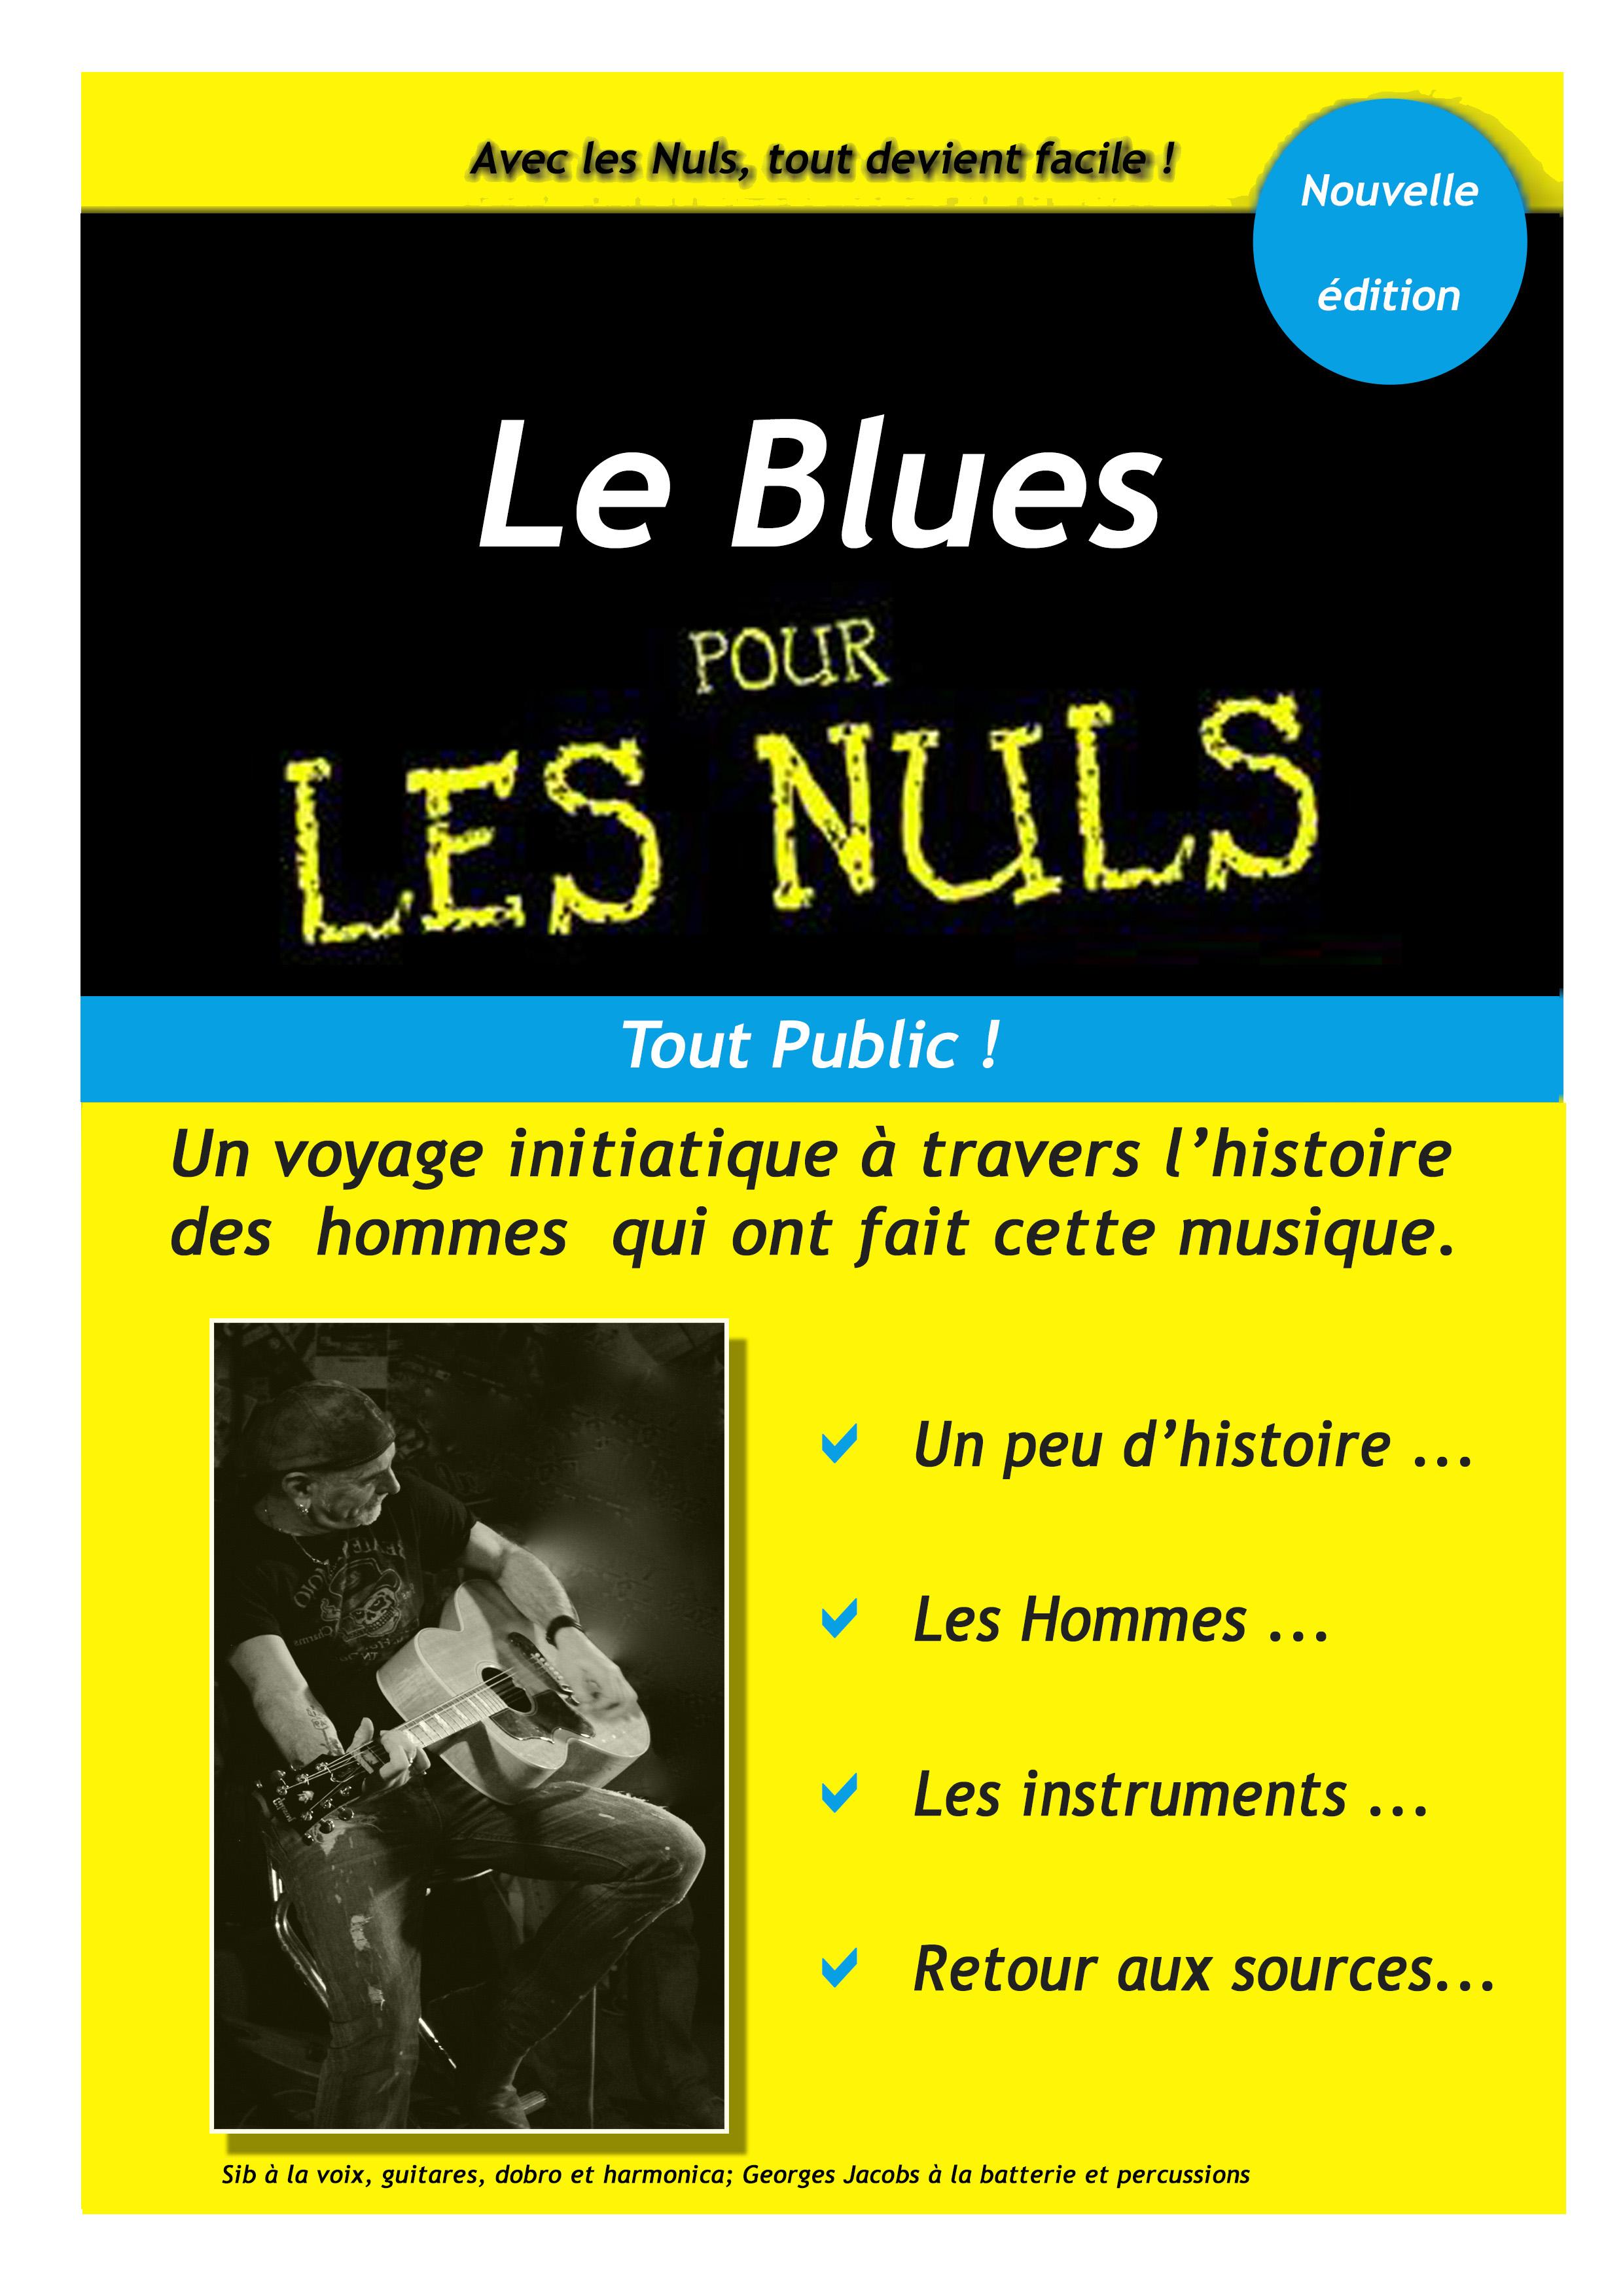 Le blues pour les nuls-1.jpg